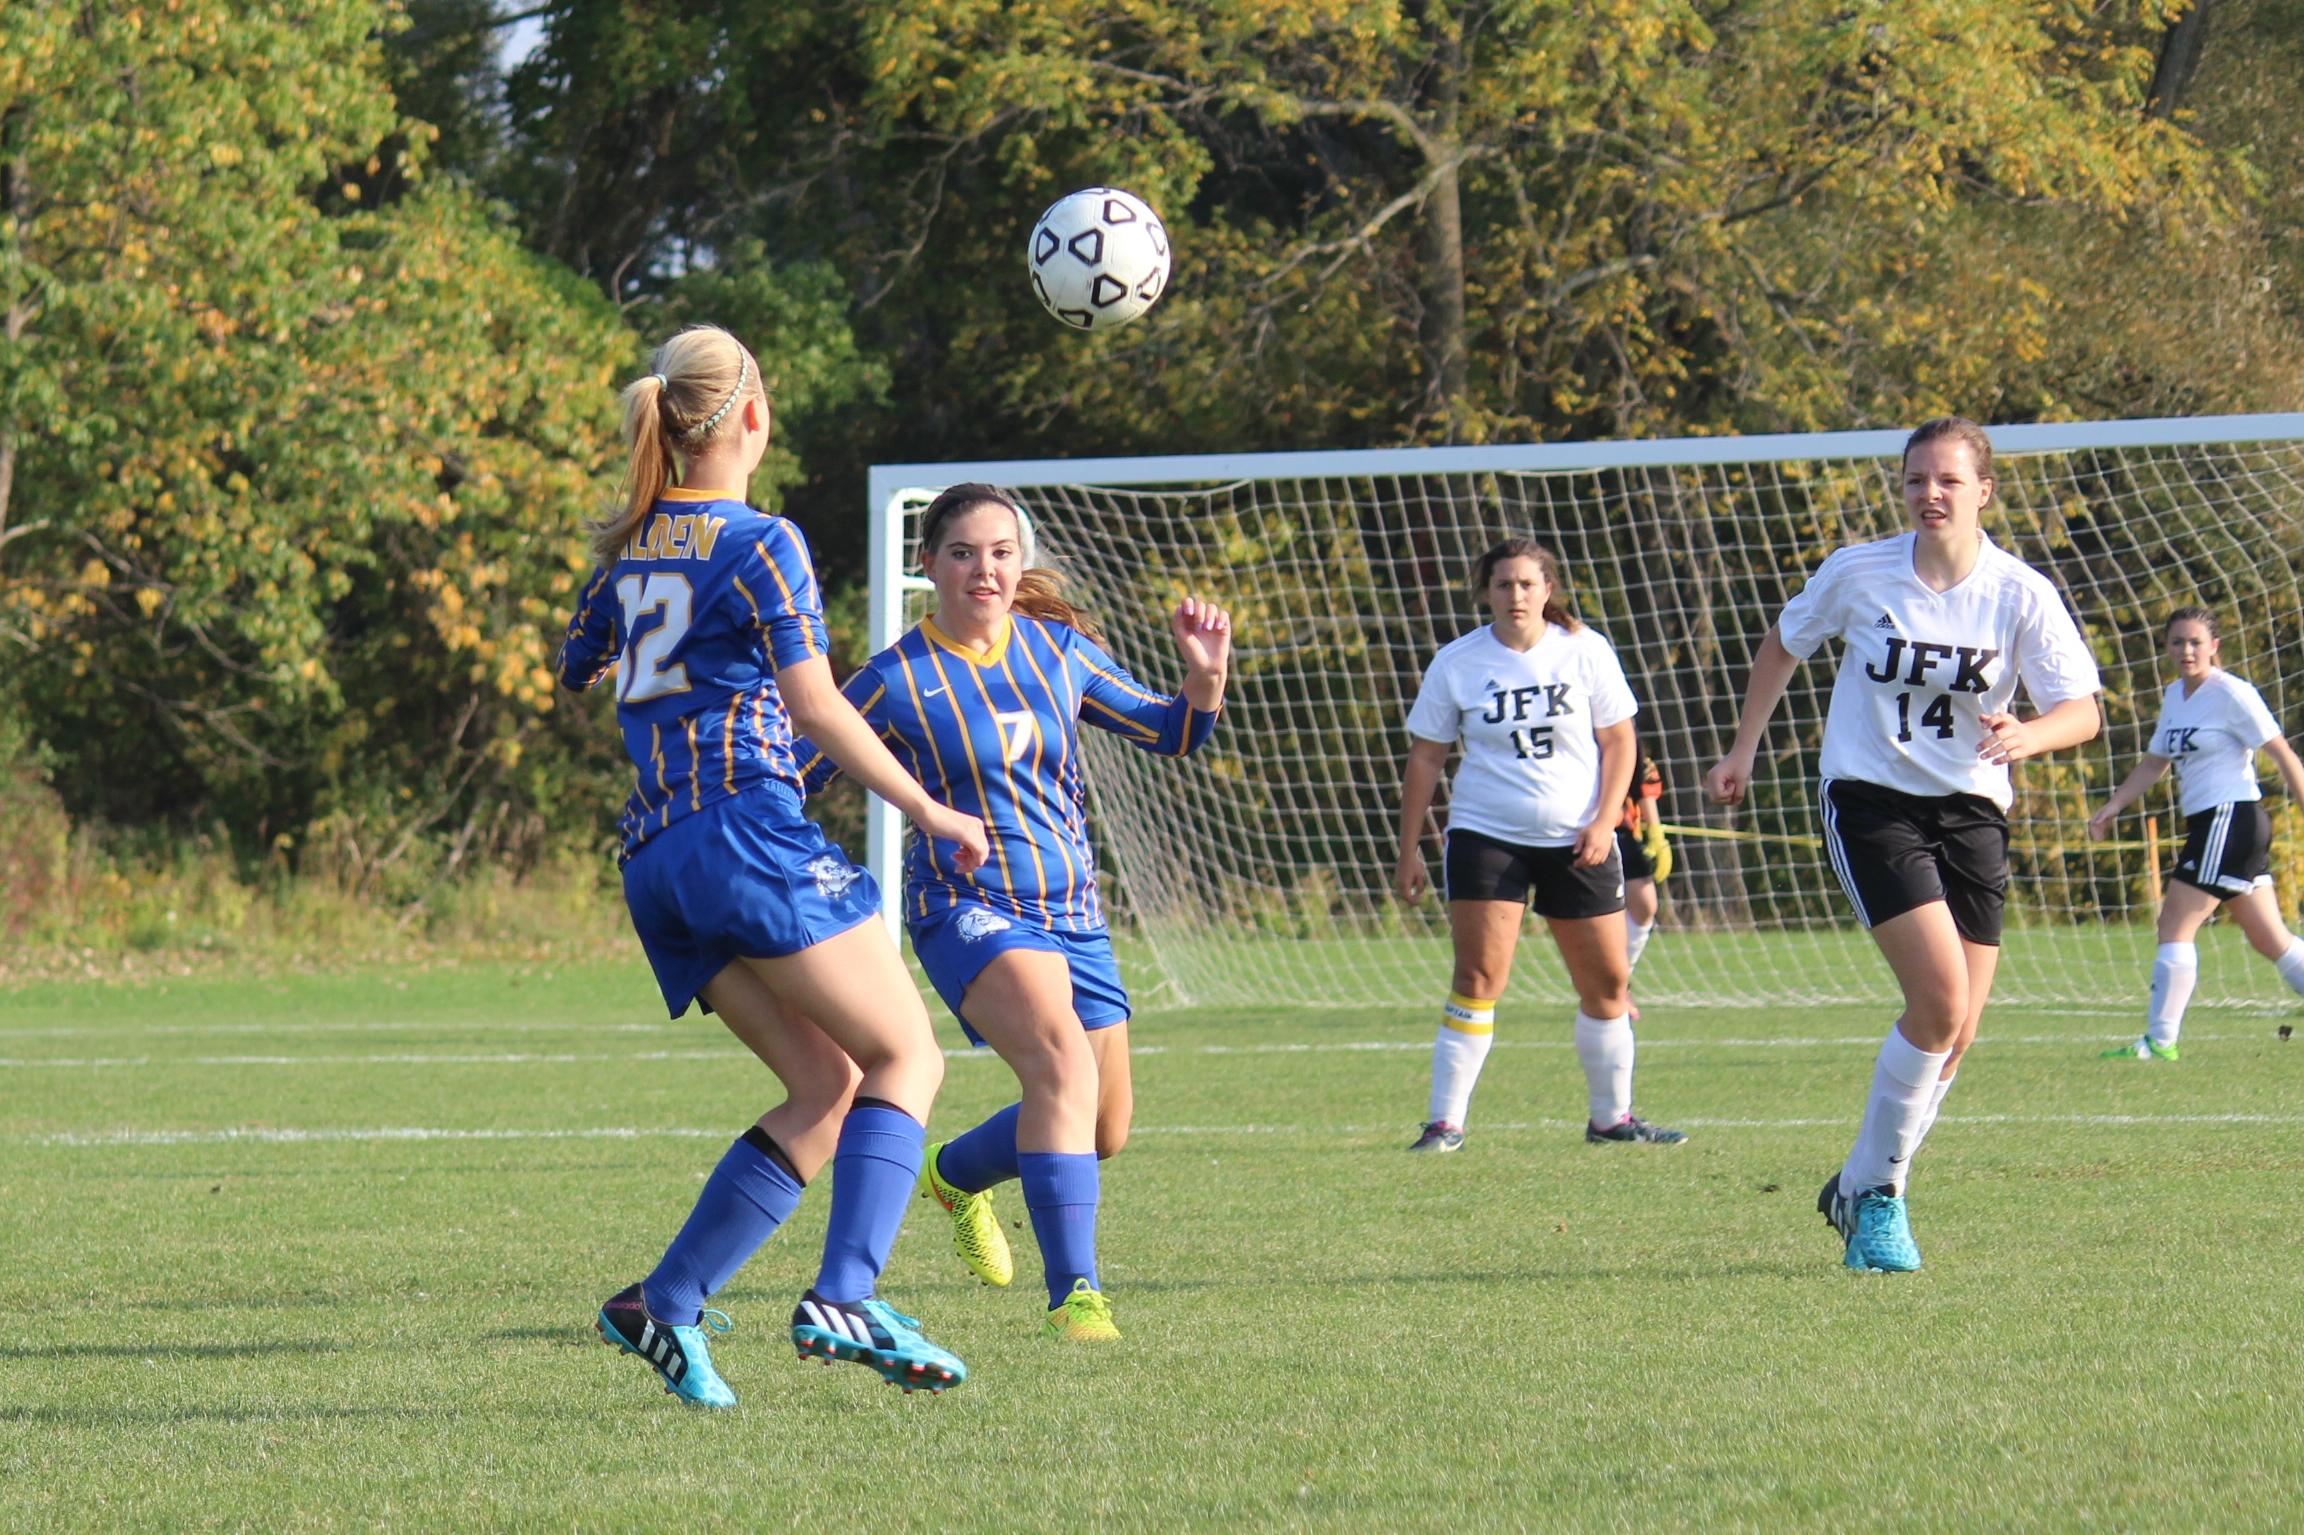 Girl's Varsity Soccer 3rd in Division